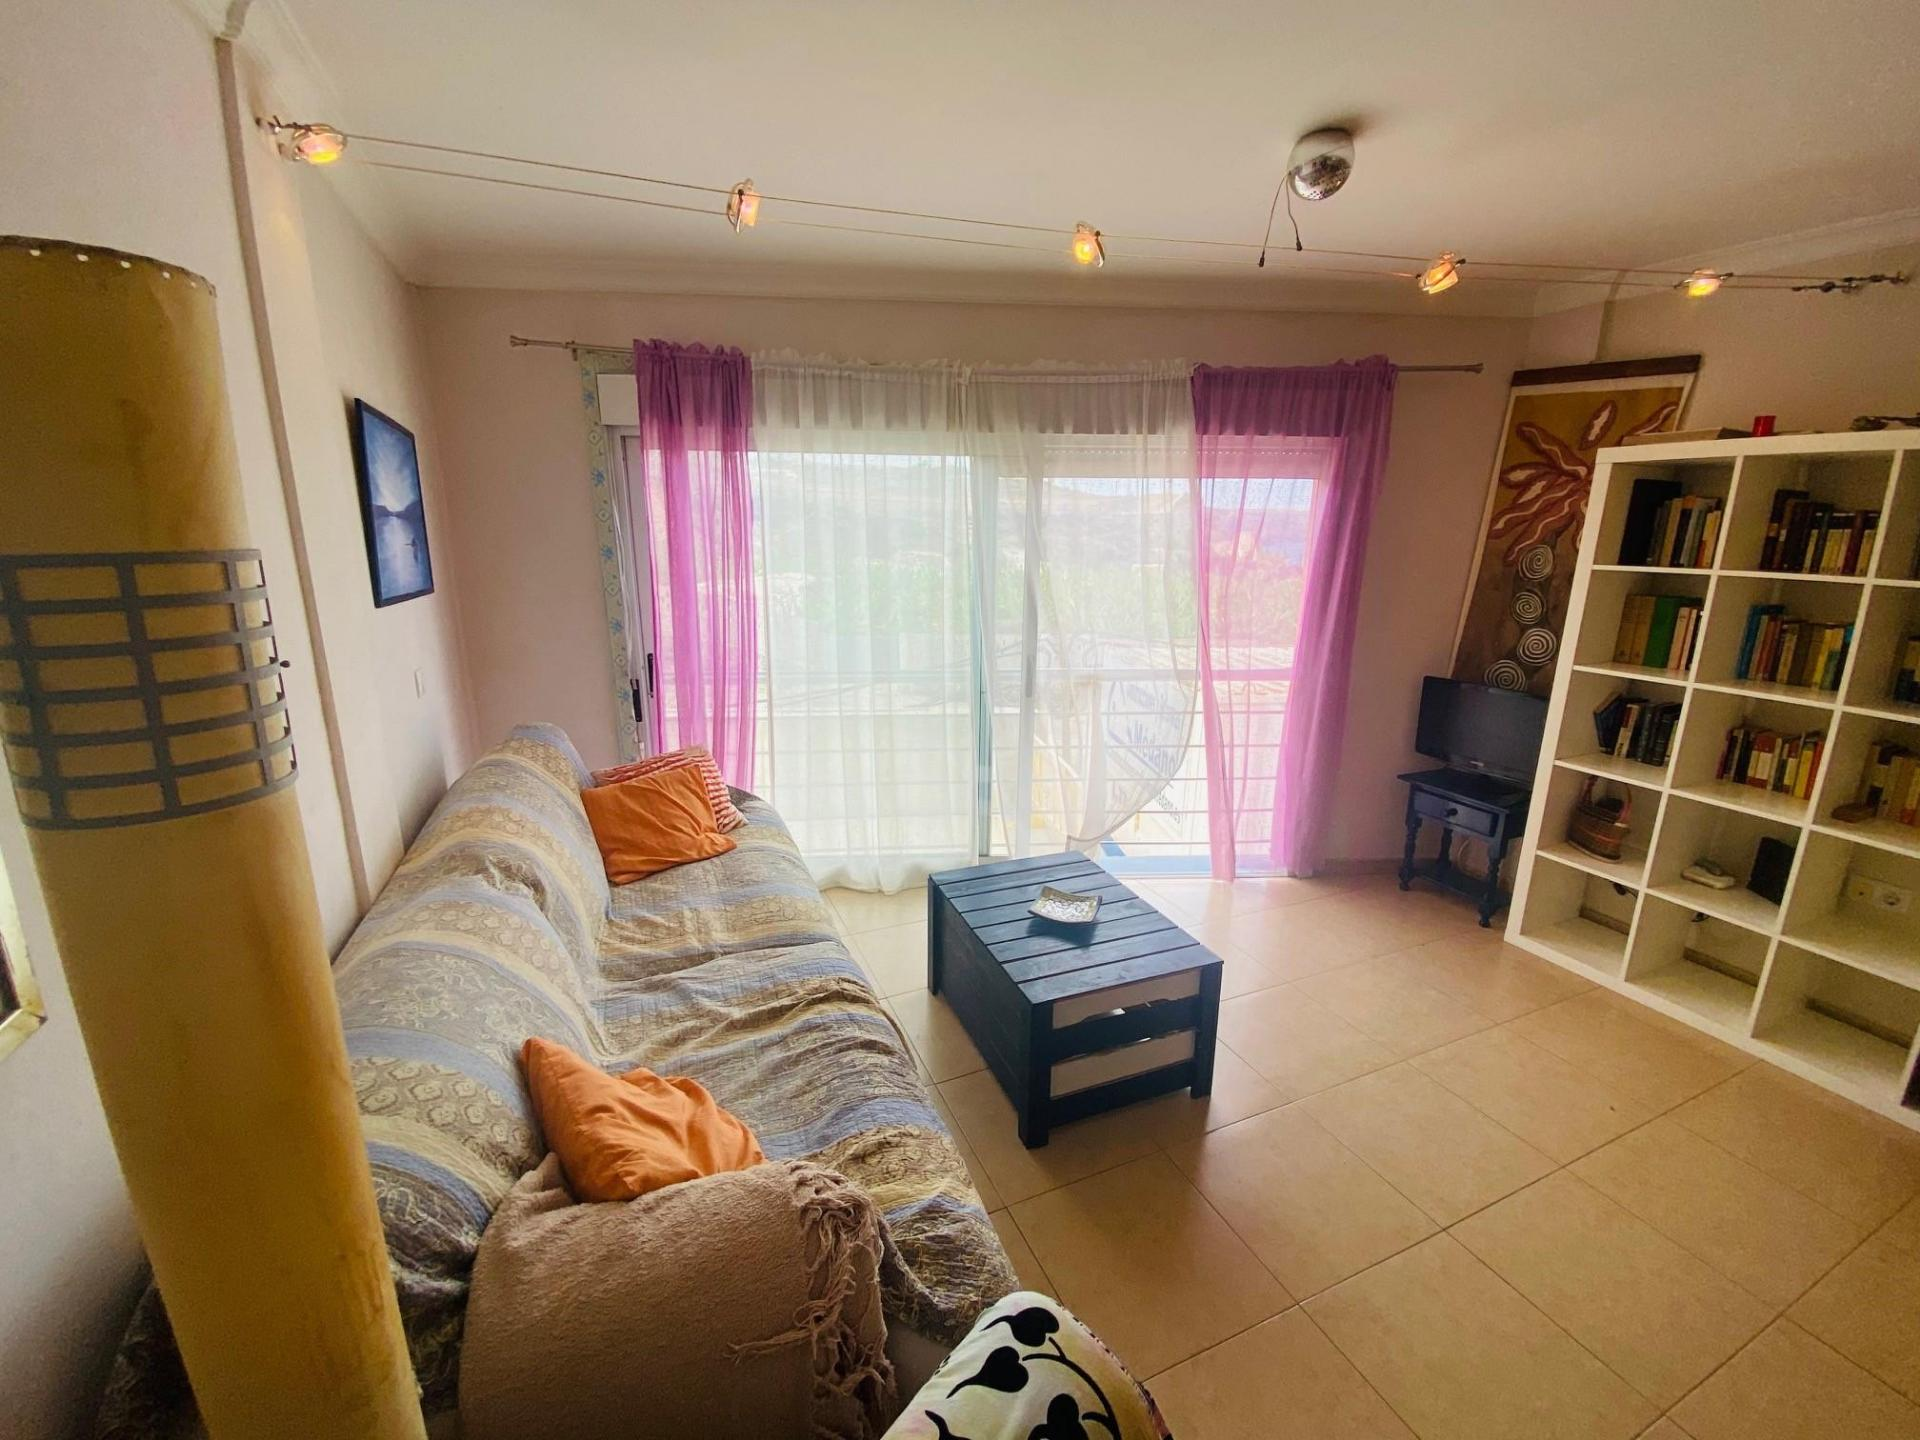 Schöne 46m² Wohnung am Eingang der Küstenstadt Playa San Juan. Das Haus befindet sich .... mehr Info